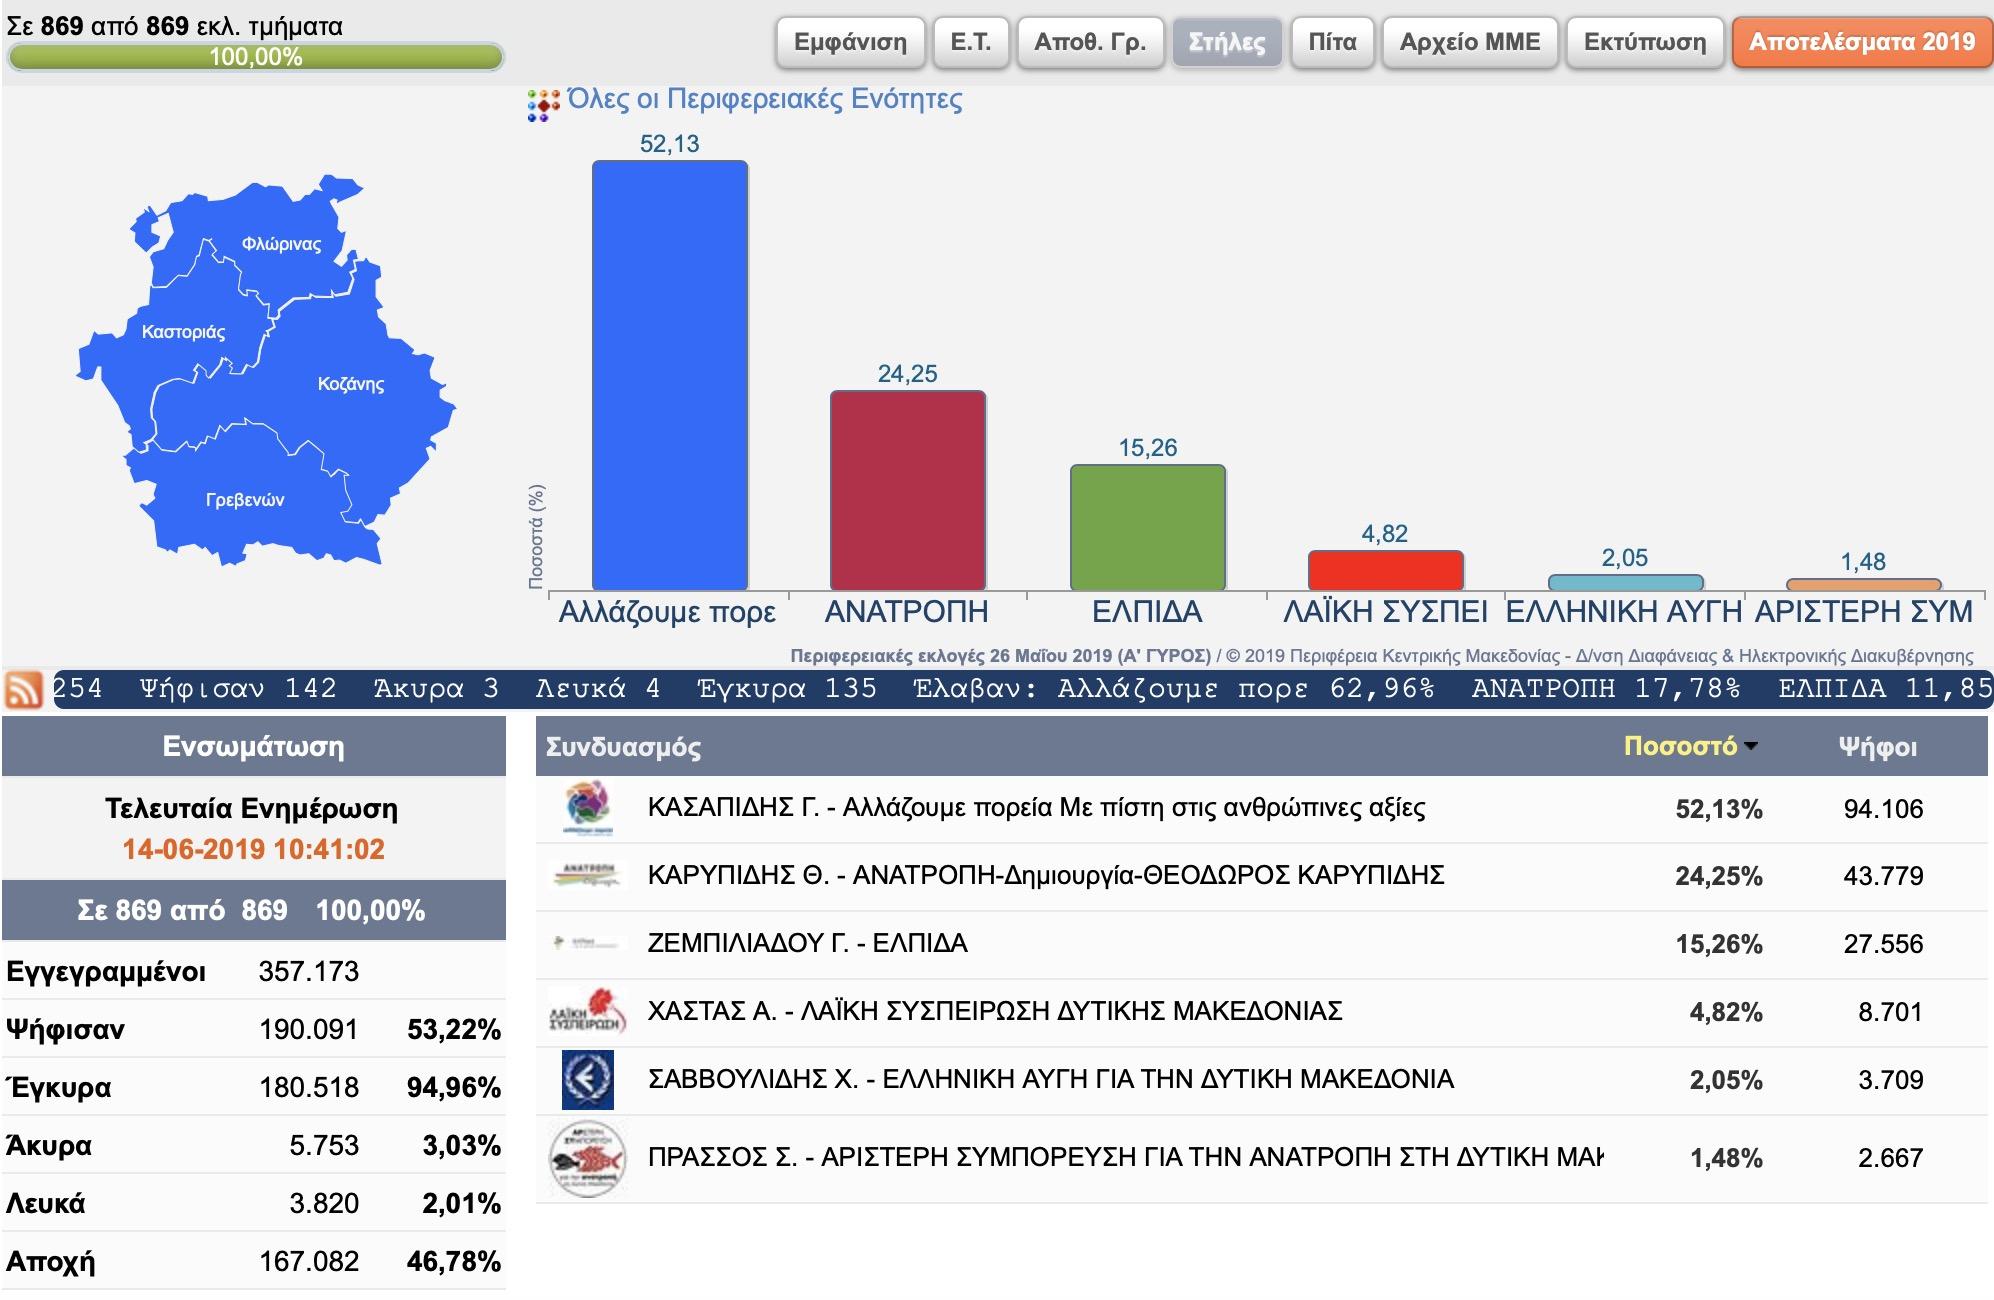 Αποτελέσματα Περιφερειακών Εκλογών Δυτικής Μακεδονίας